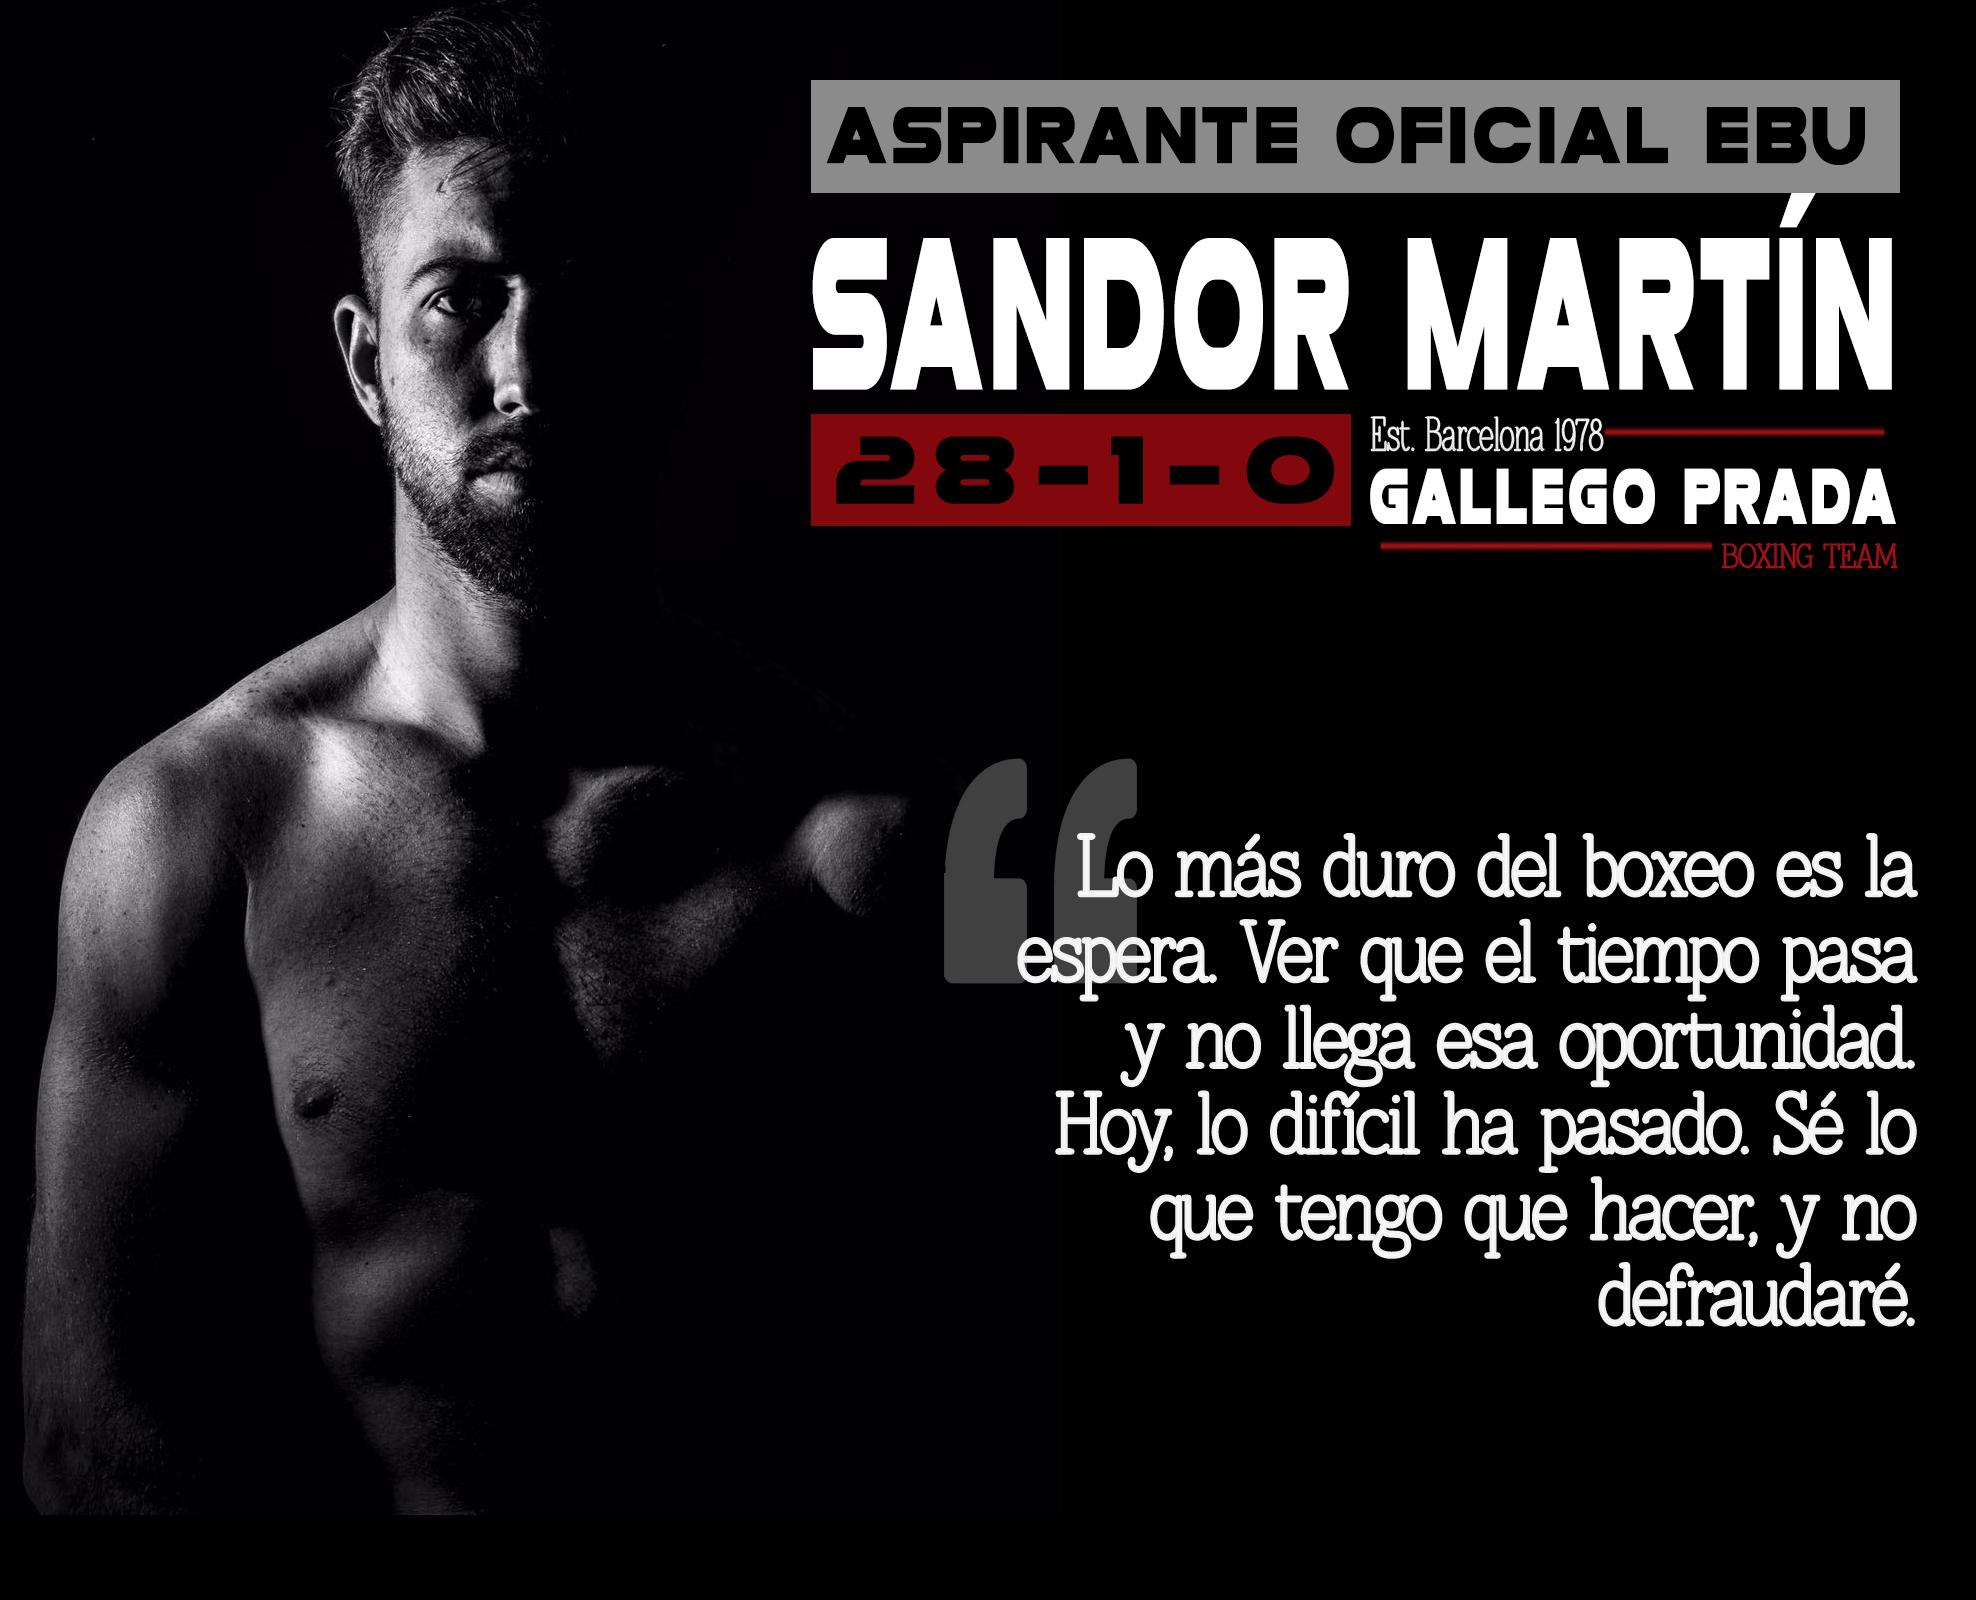 Sandor Martín aspirante oficial al EBU Gallego Prada boxeo Barcelona